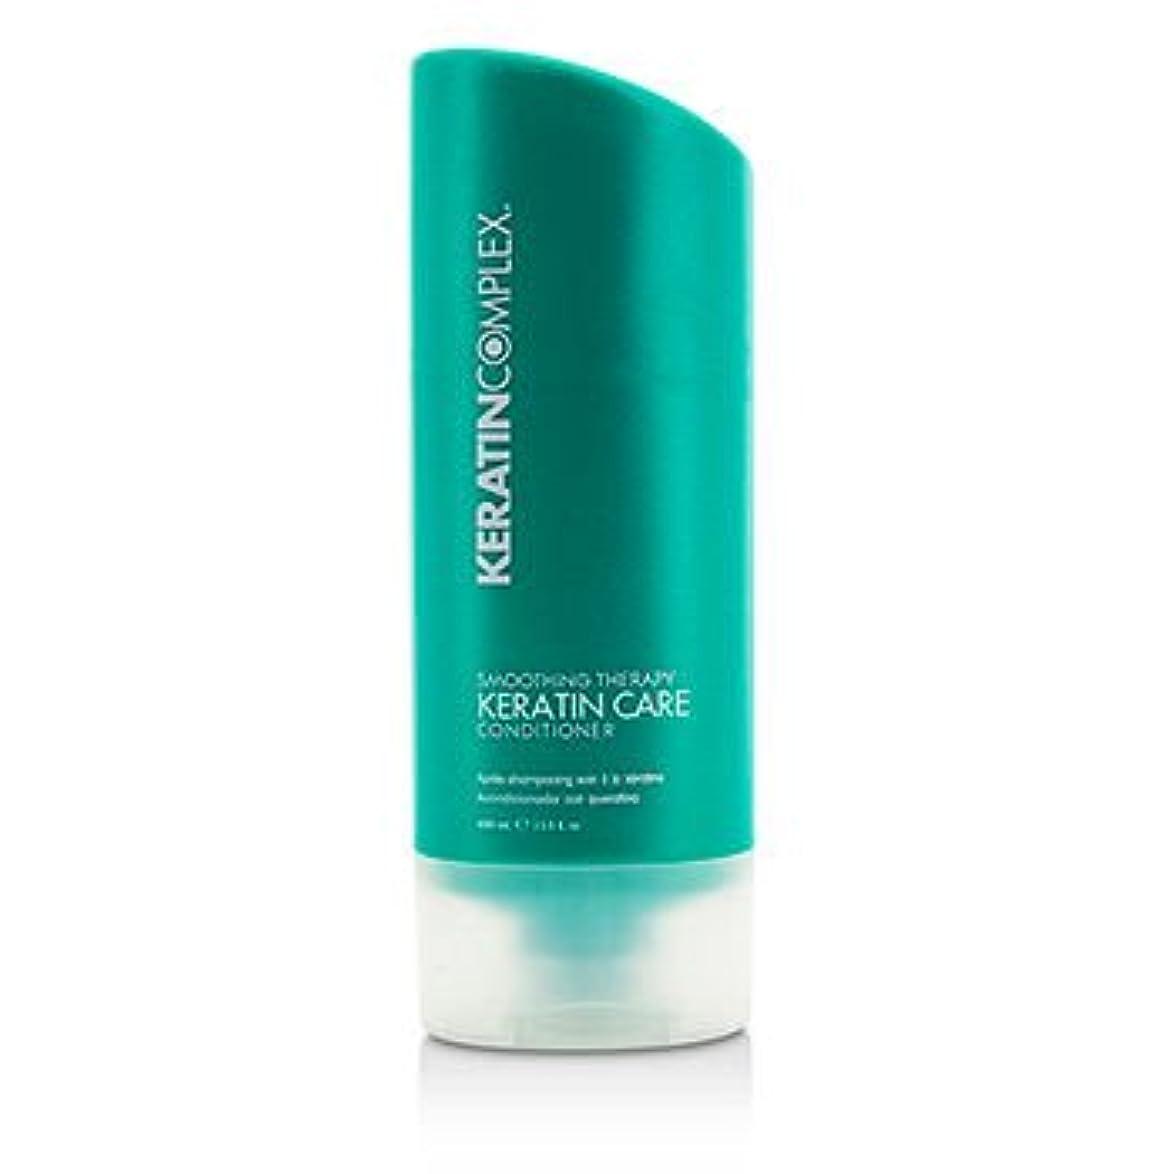 機関異常なマンハッタン[Keratin Complex] Smoothing Therapy Keratin Care Conditioner (For All Hair Types) 400ml/13.5oz